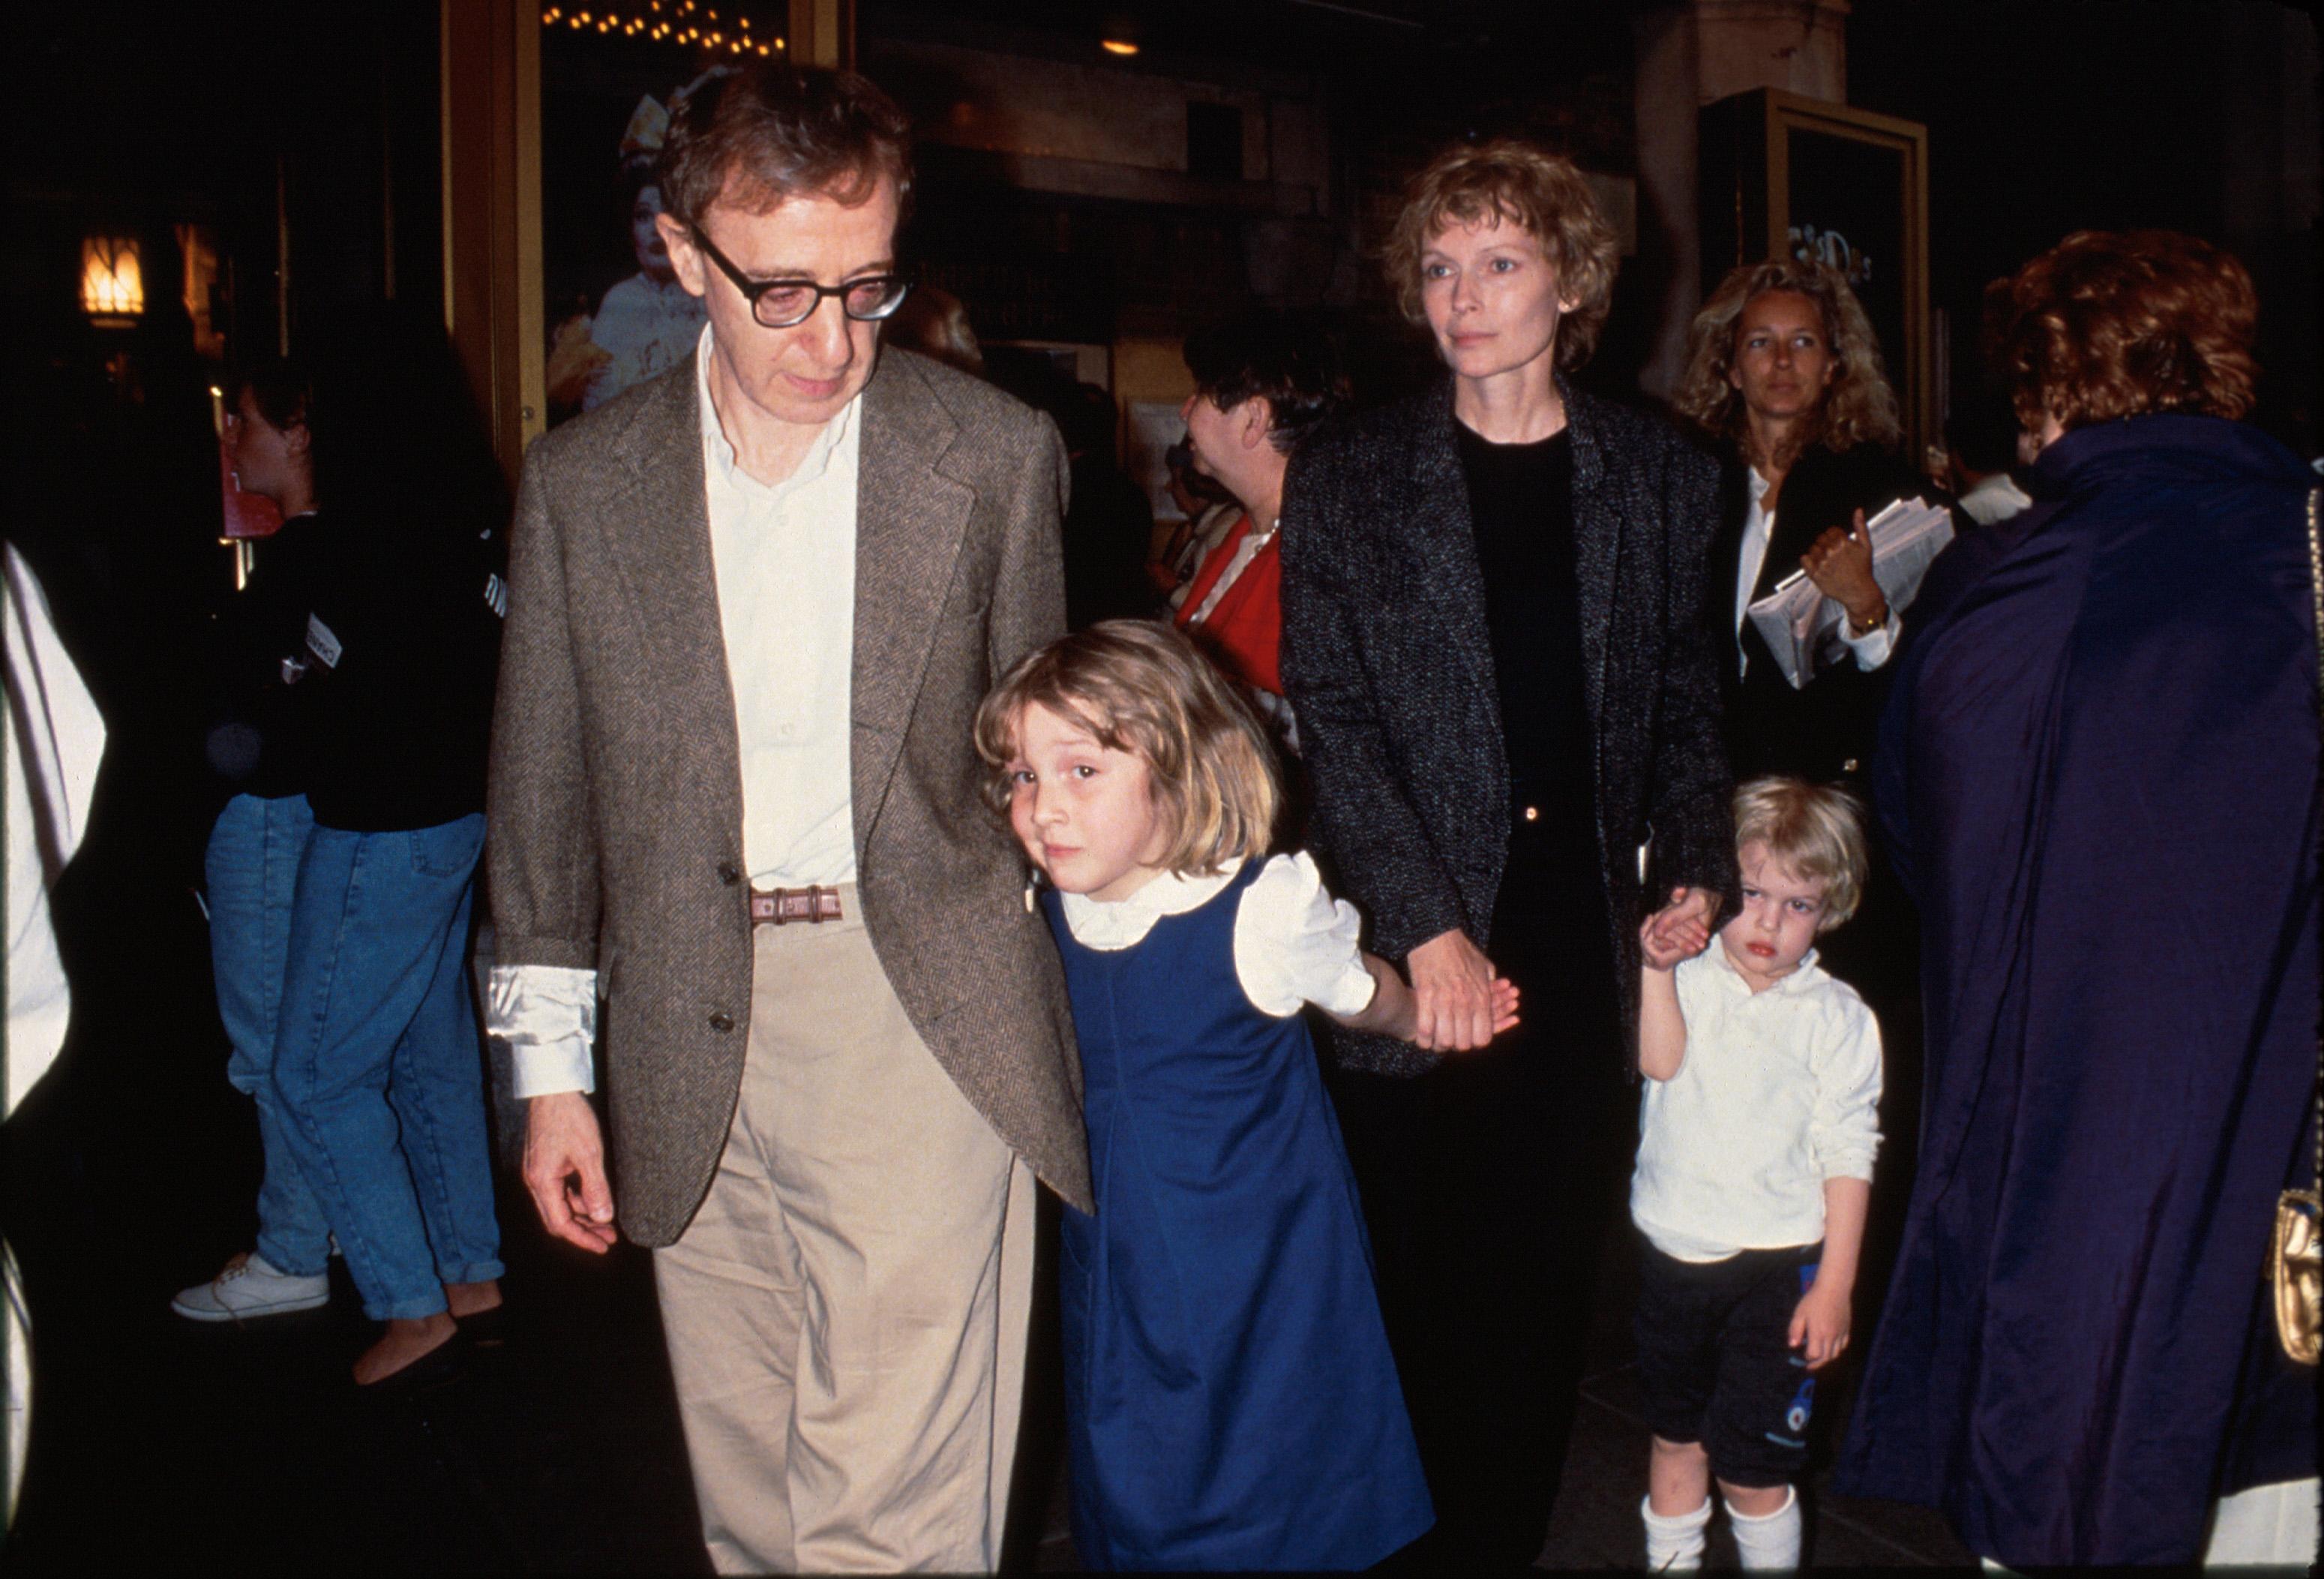 Woody Allen, Dylan Farrow, Mia Farrow, Ronan Farrow